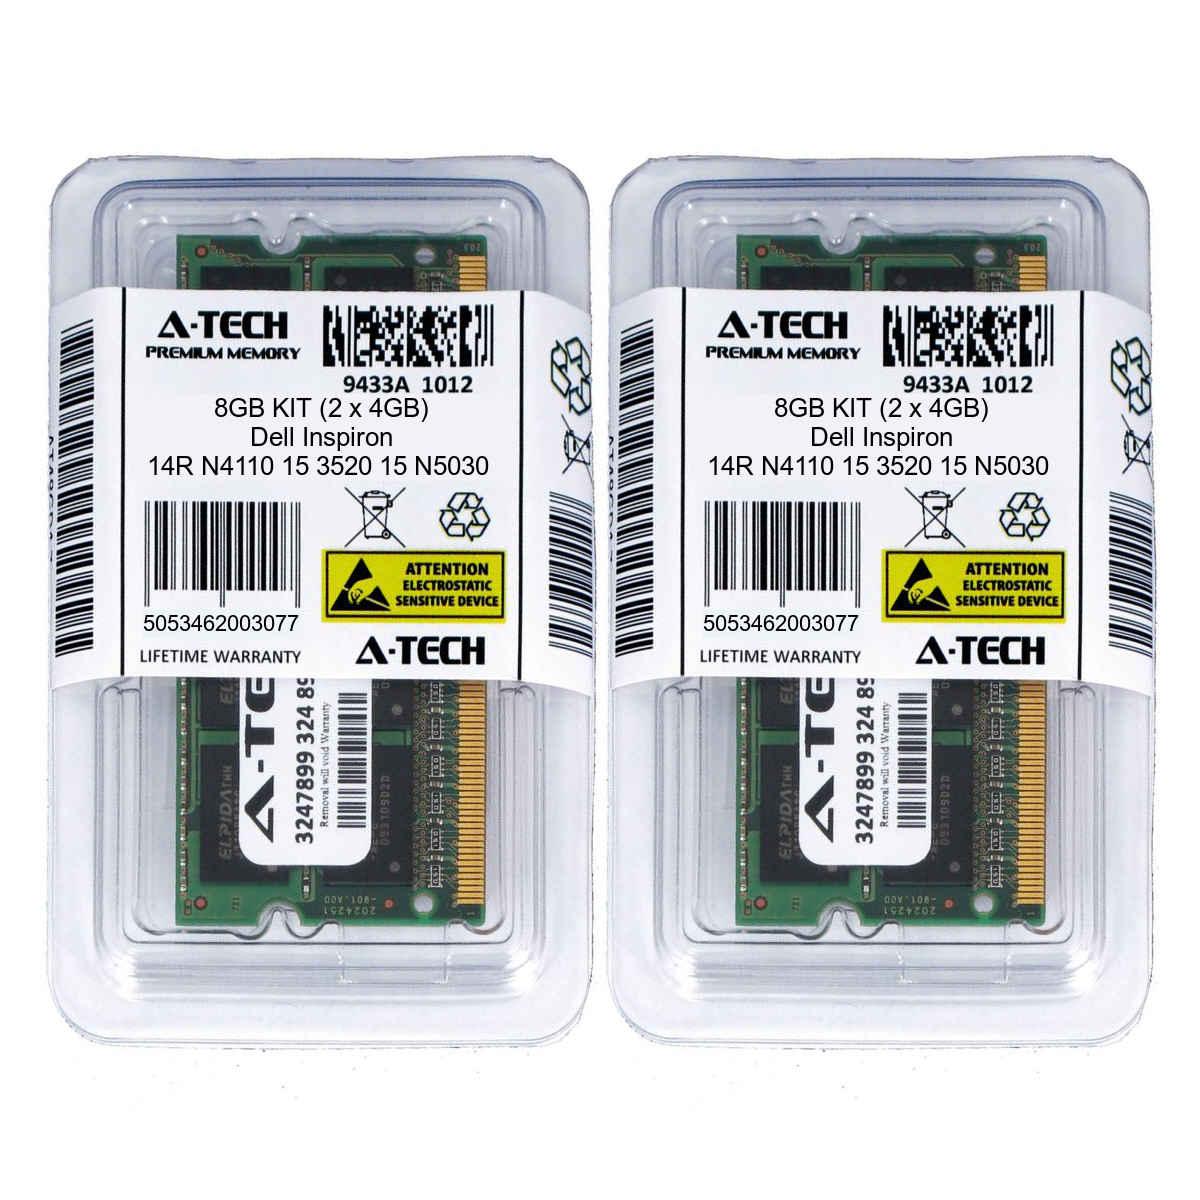 8GB KIT 2 x 4GB Dell Inspiron 14R N4110 15 3520 15 N5030 15 N5040 Ram Memory